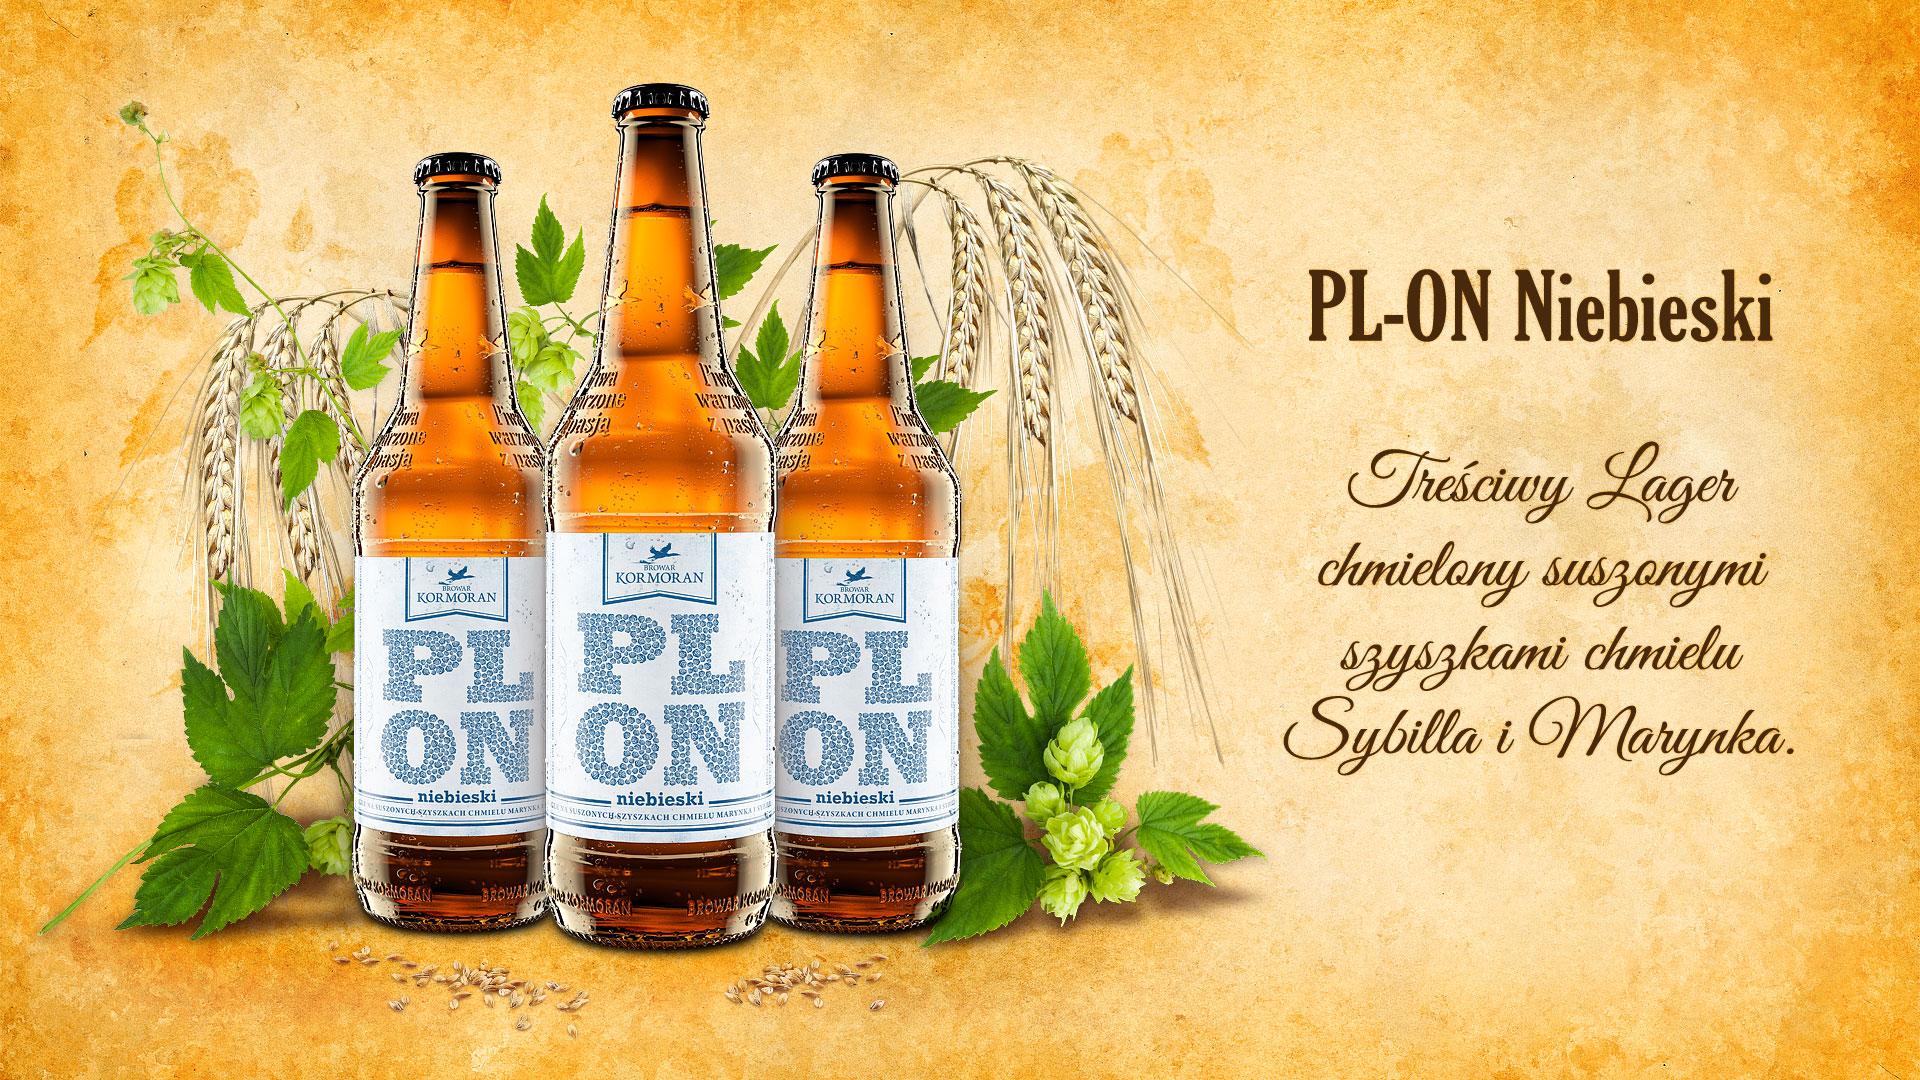 Piwo PLON Niebieski - Browar Kormoran